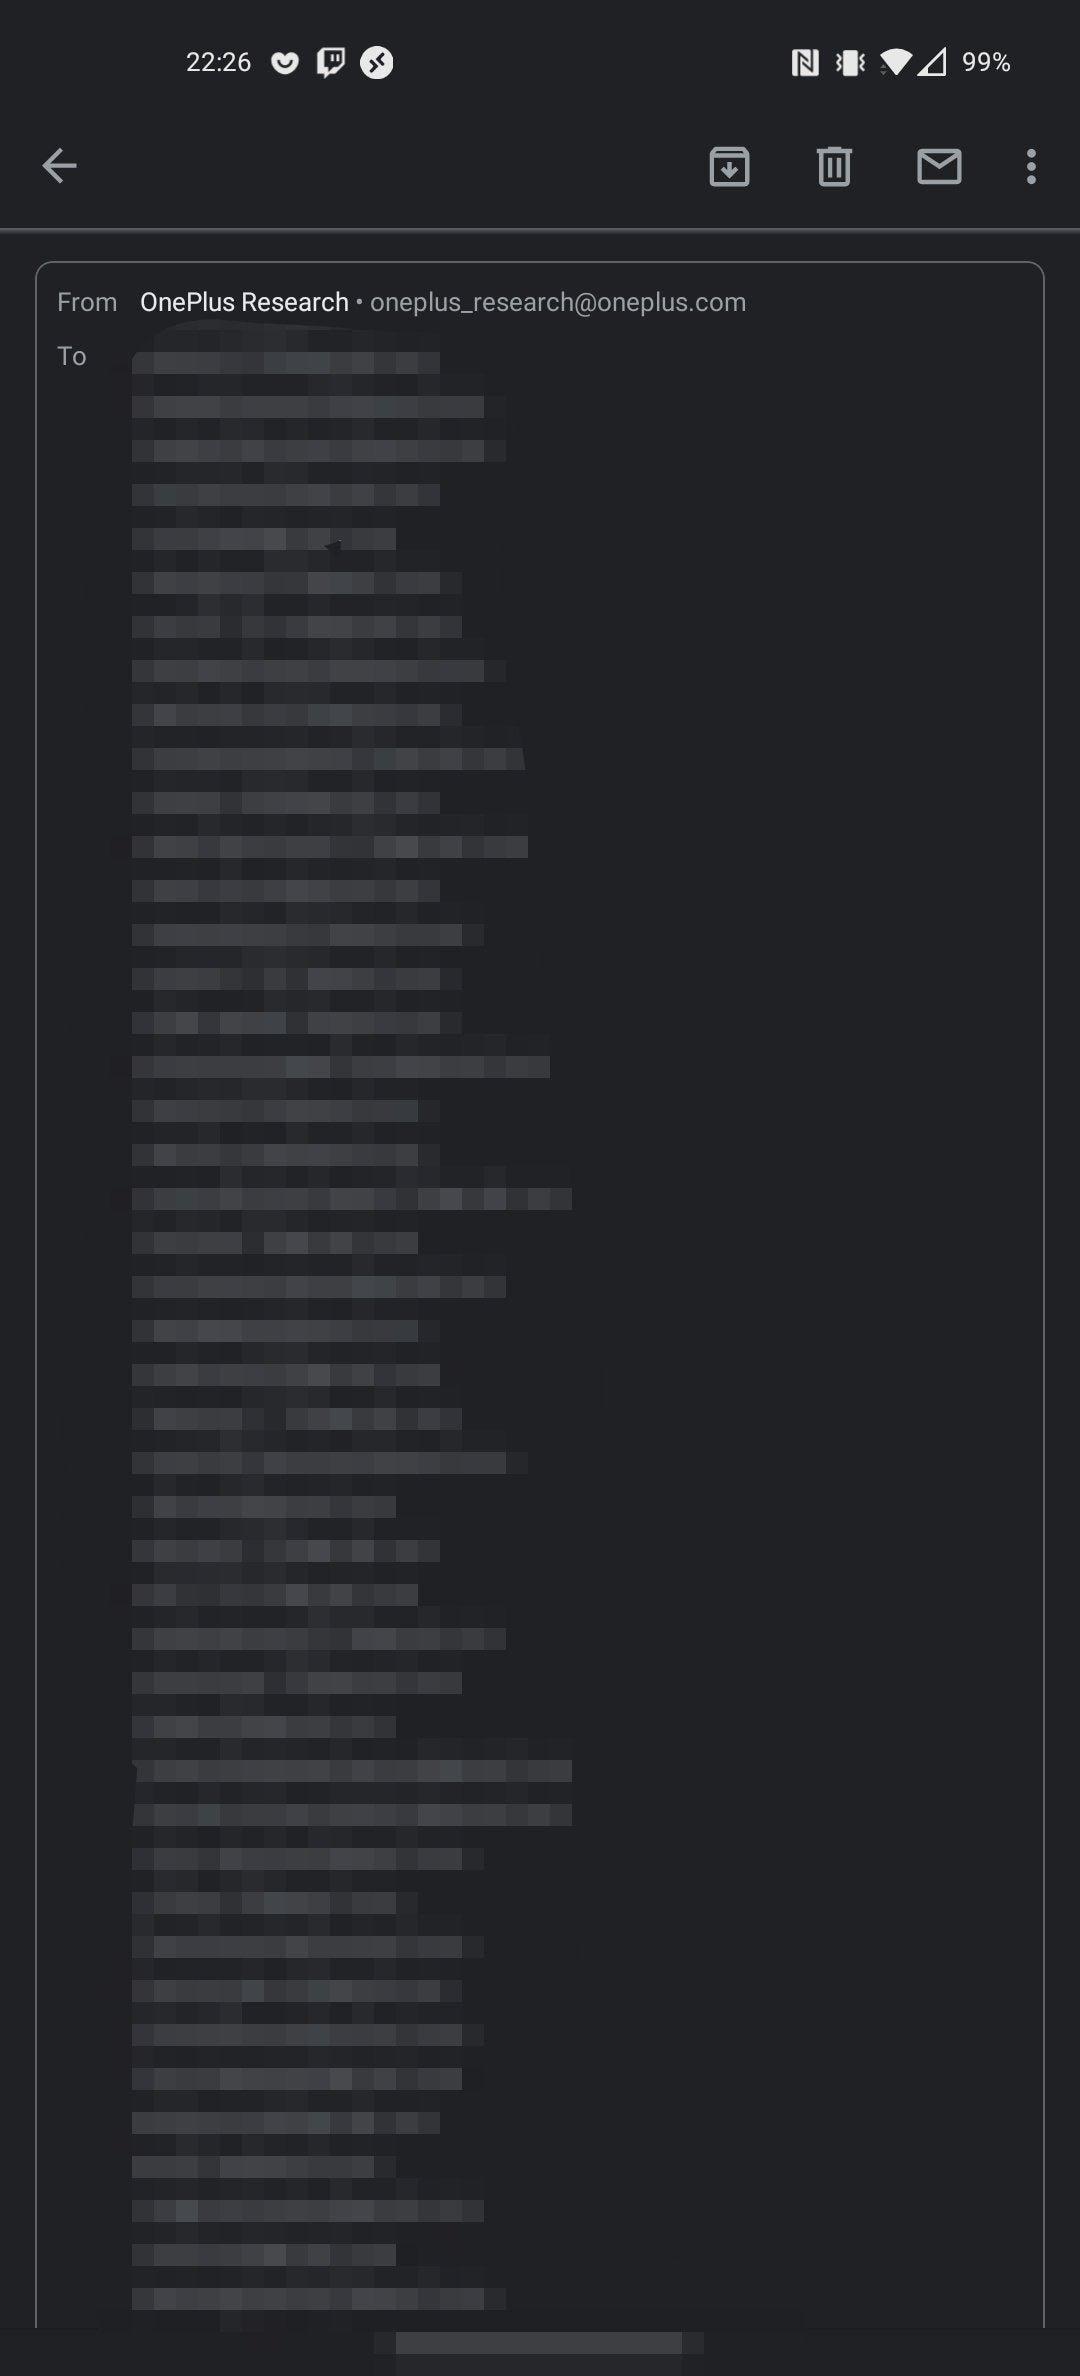 lista de emails da oneplus